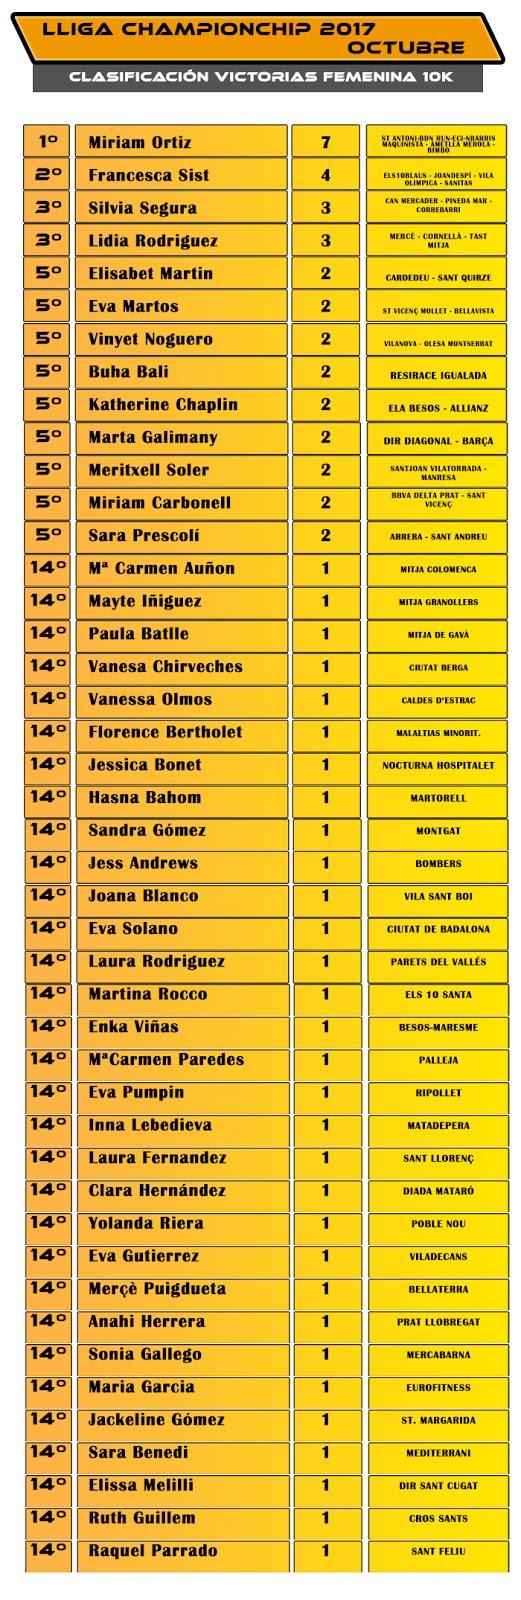 Clasificación Femenina Victorias 10K - Octubre Lliga Championchip 2017